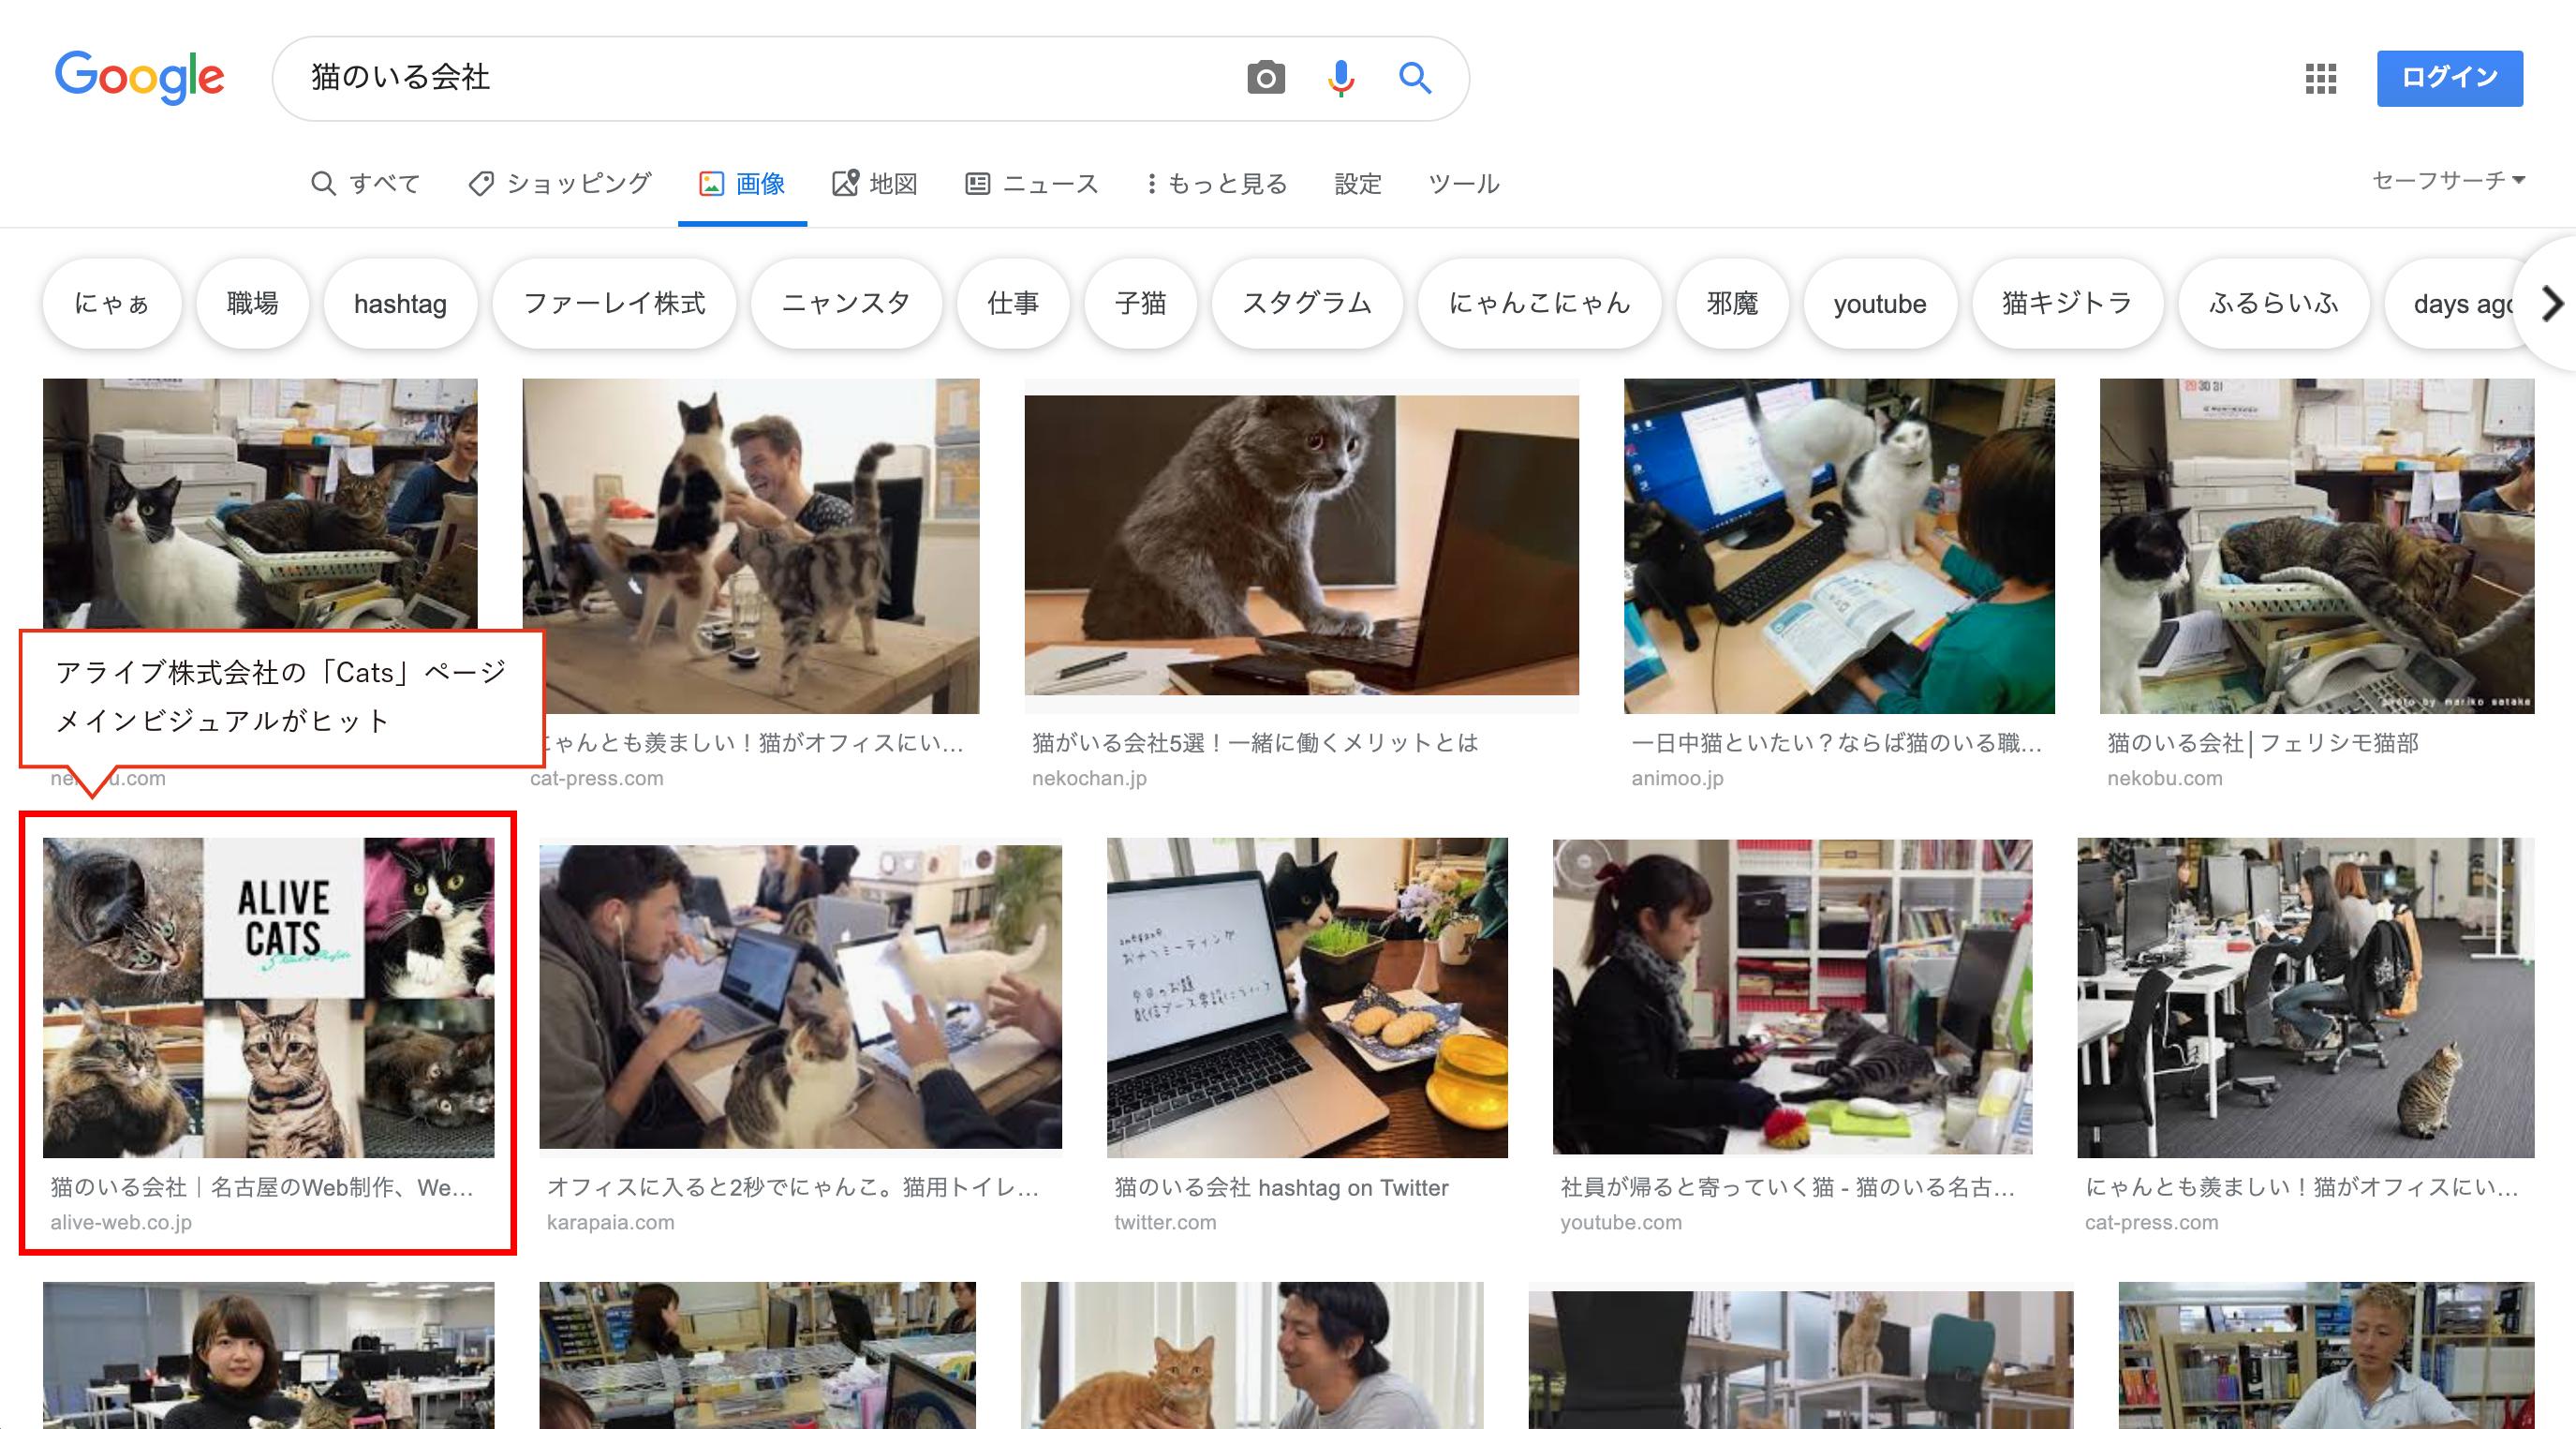 画像検索画面「猫のいる会社」